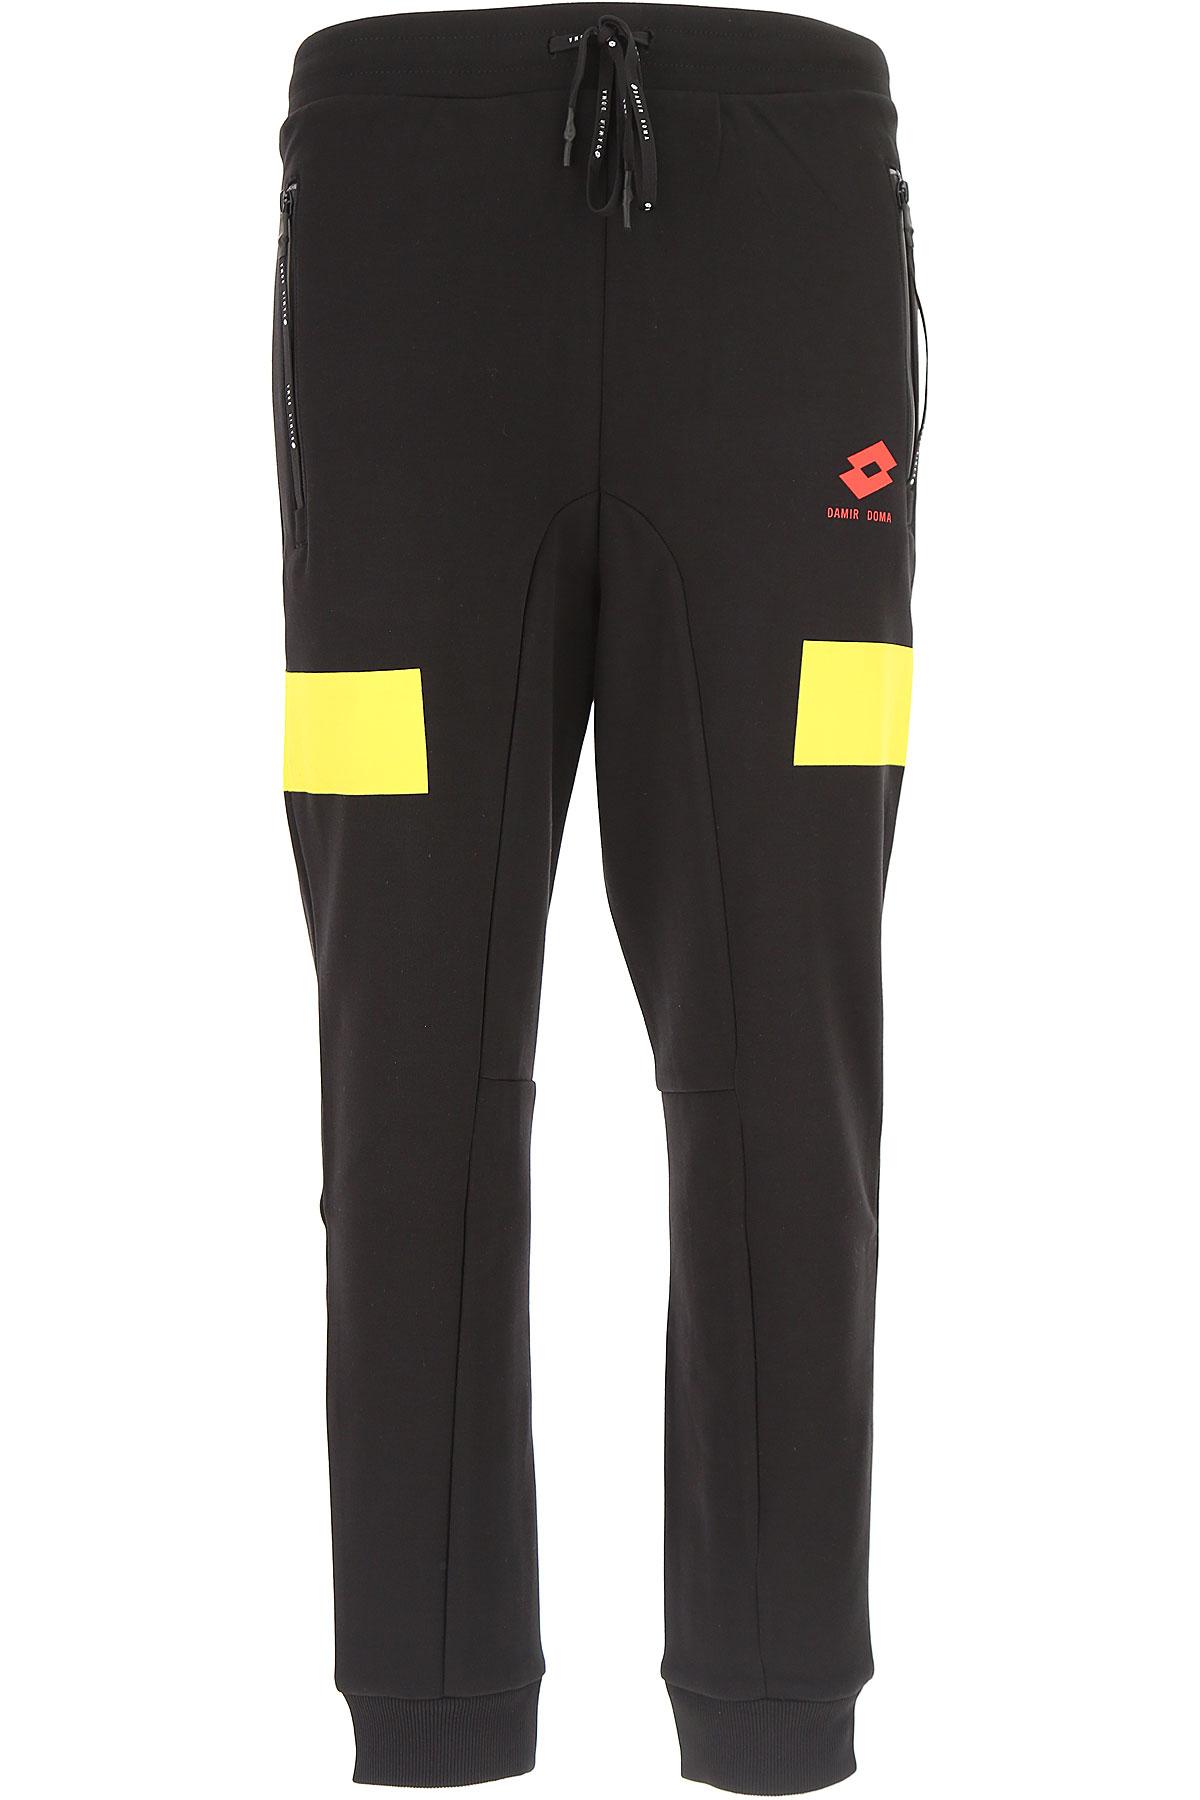 Image of Damir Doma Sweatpants, Black, Cotton, 2017, L M S XL